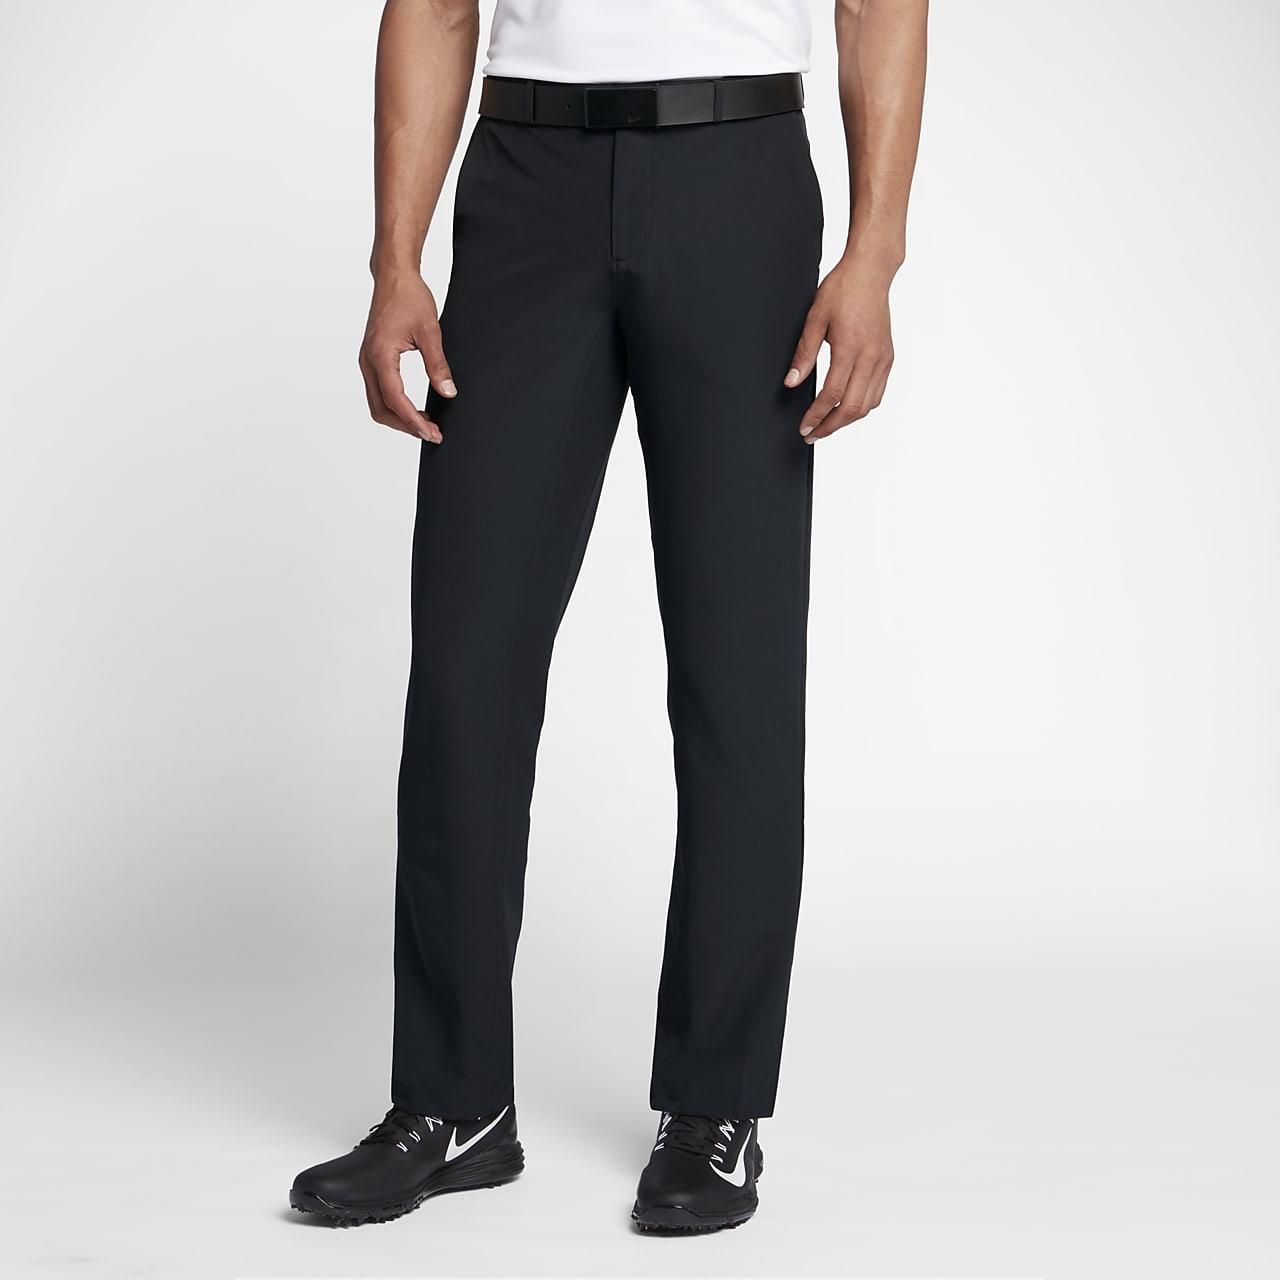 กางเกงกอล์ฟแบบทอผู้ชาย Nike Flex Hybrid